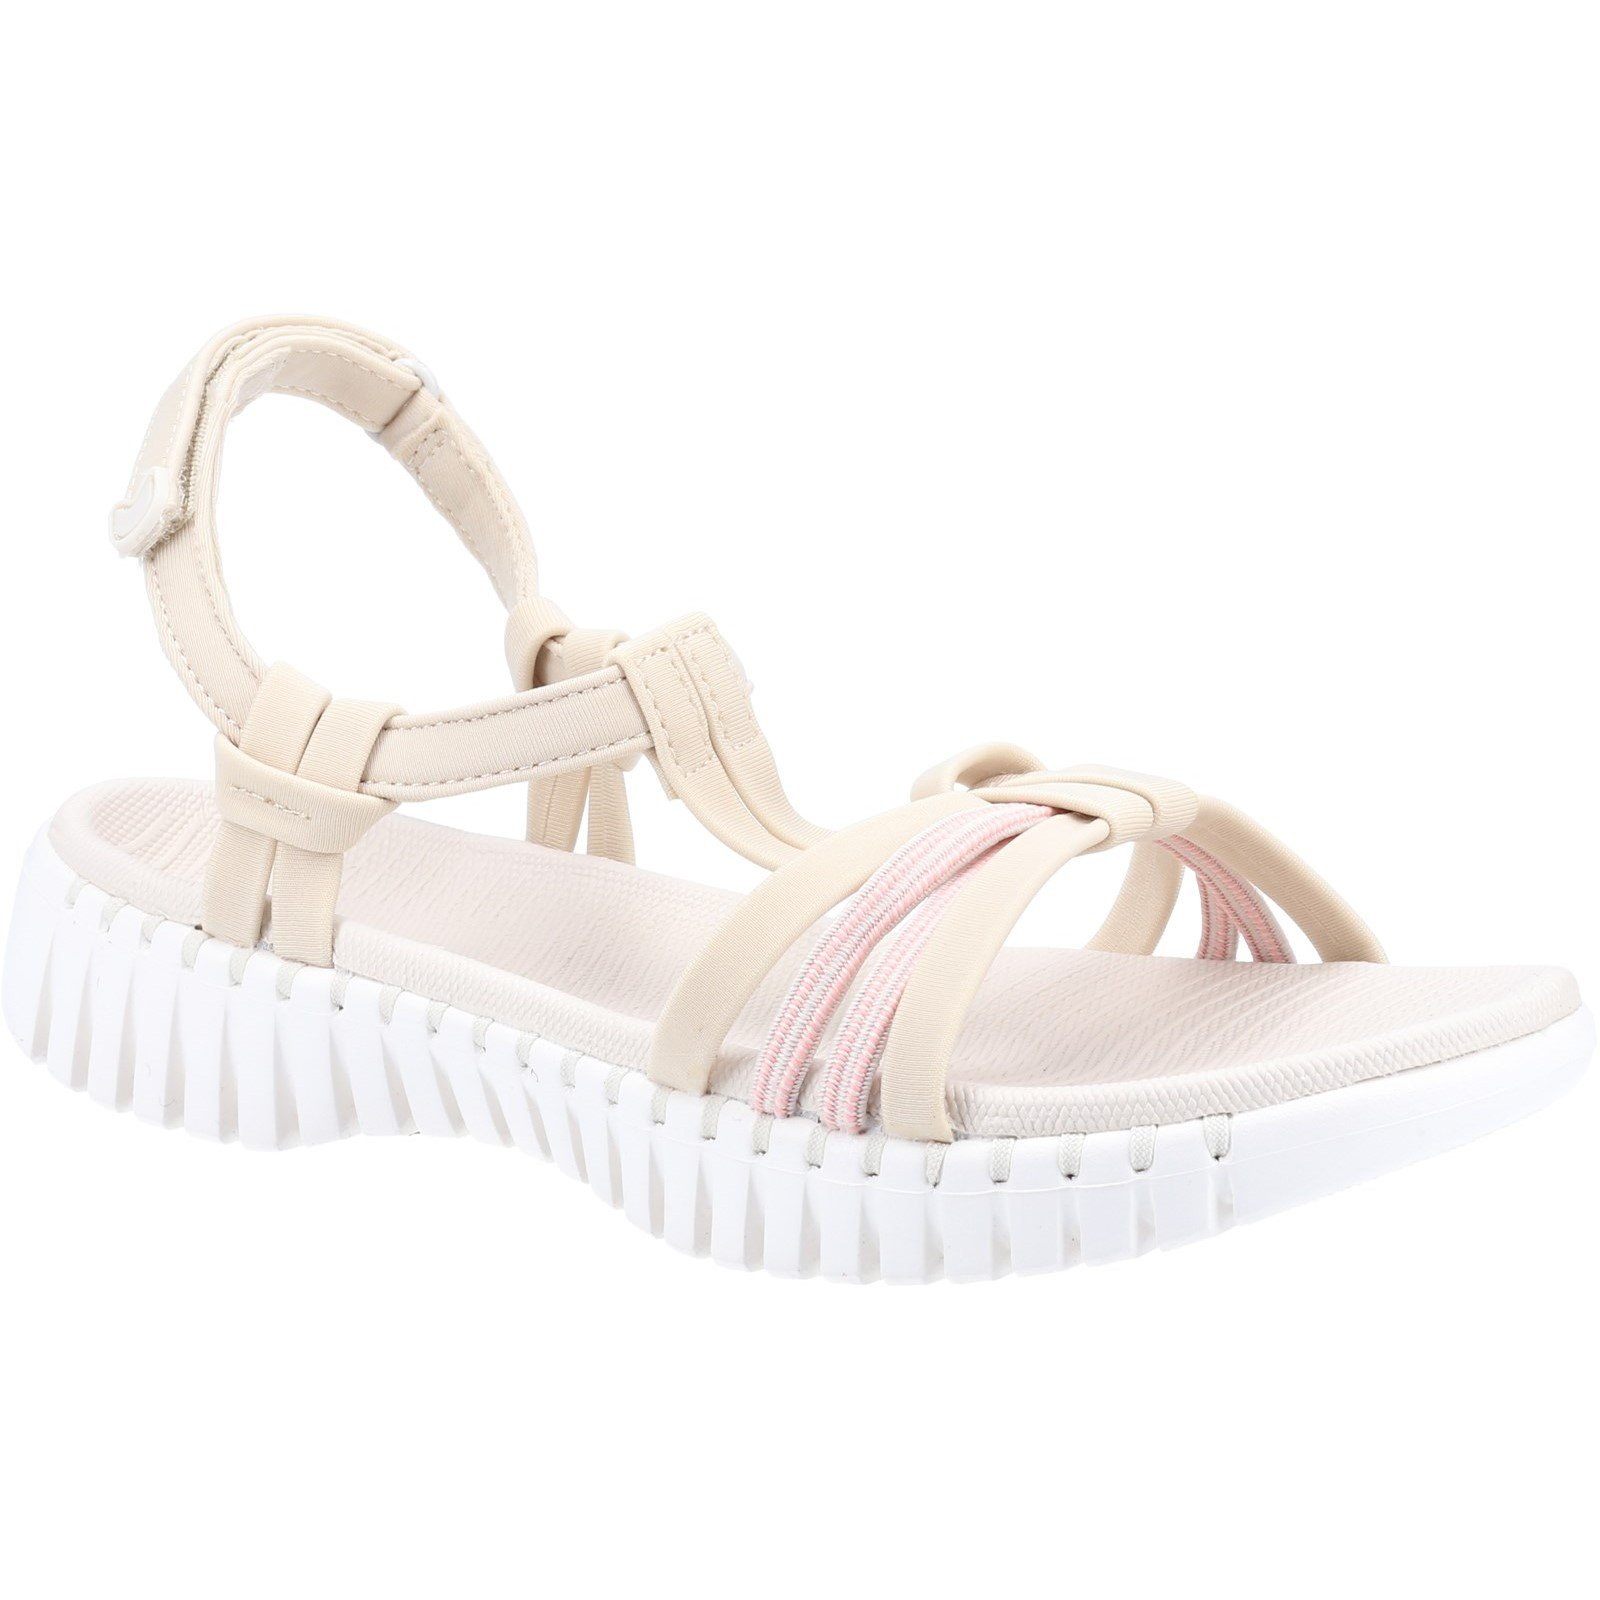 Skechers Women's Go Walk Smart Summer Sandal Various Colours 32156 - Natural 5